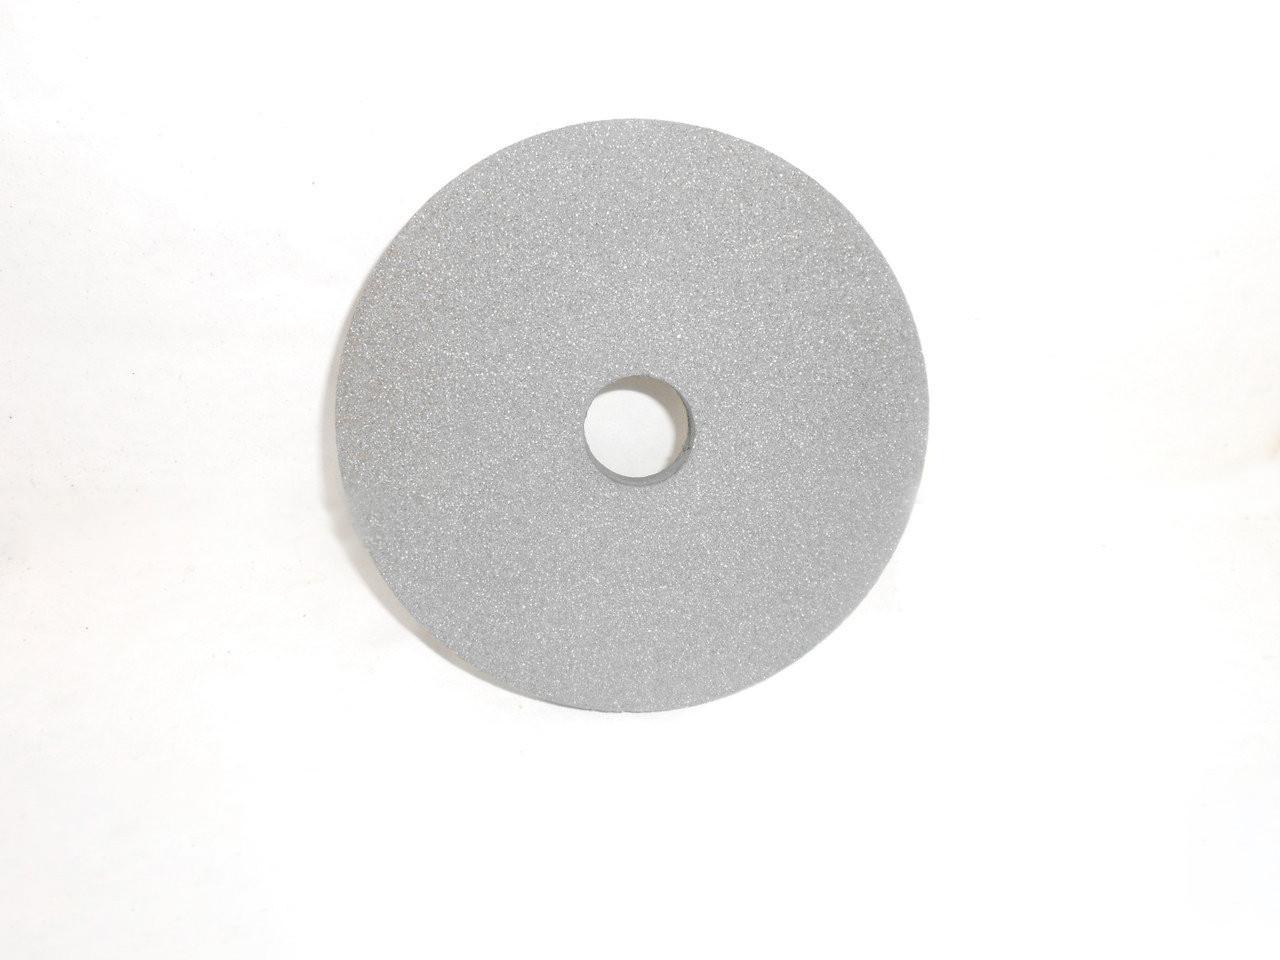 Круг шлифовальный 14А ПП 900х25х305  40 СТ2